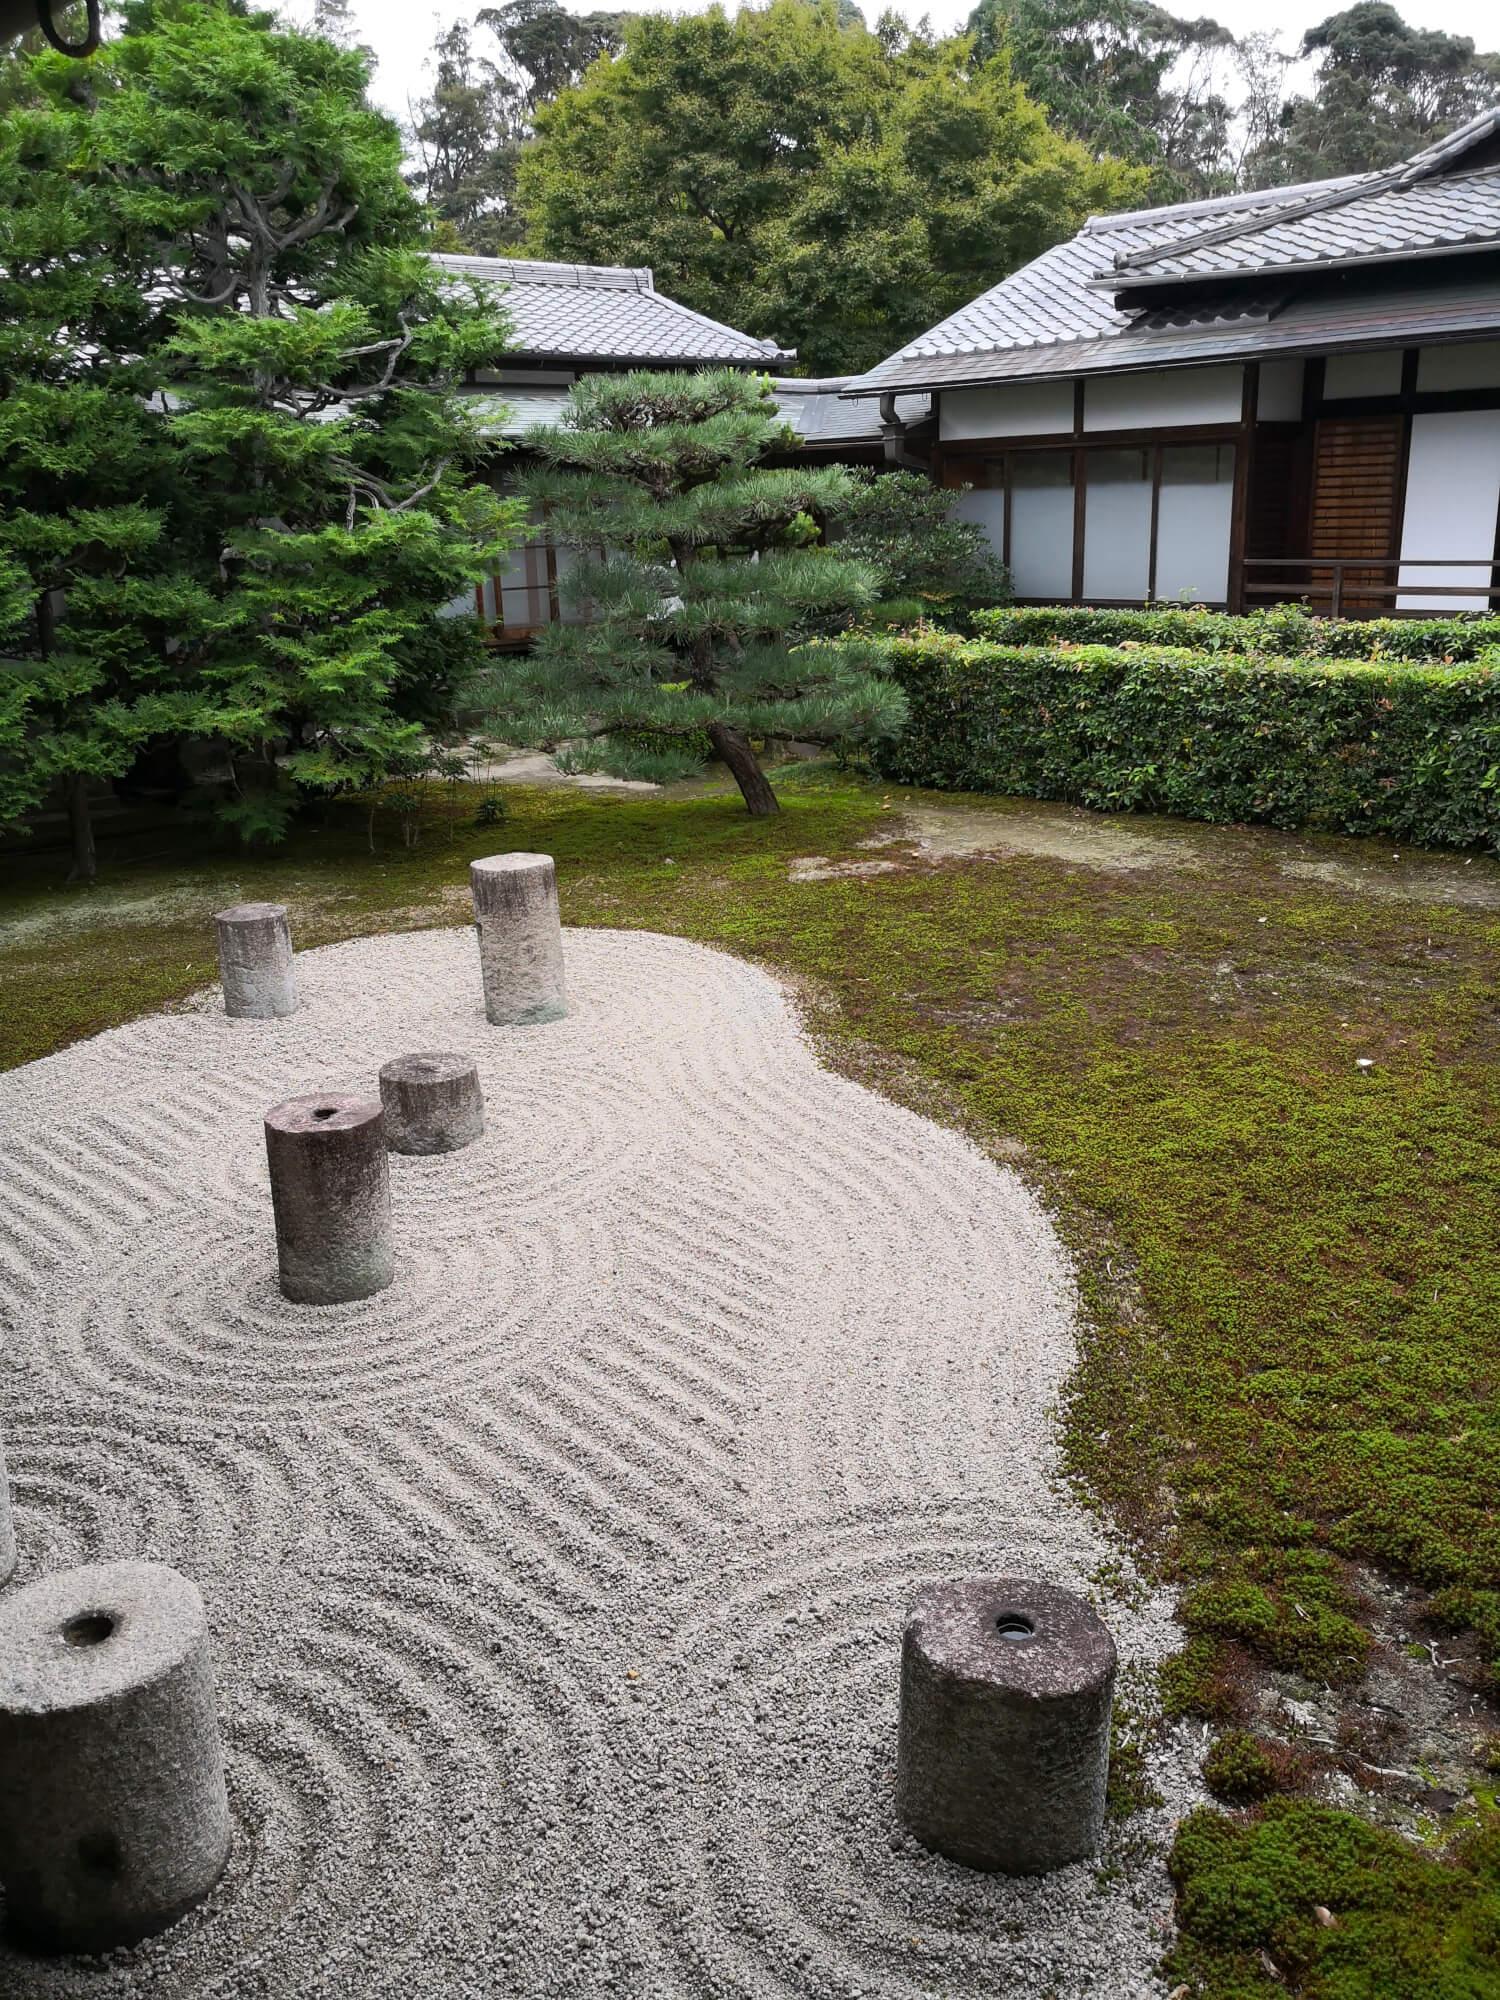 viaggiare-zaino-in-spalla-giardino-zen-giappone-kyoto